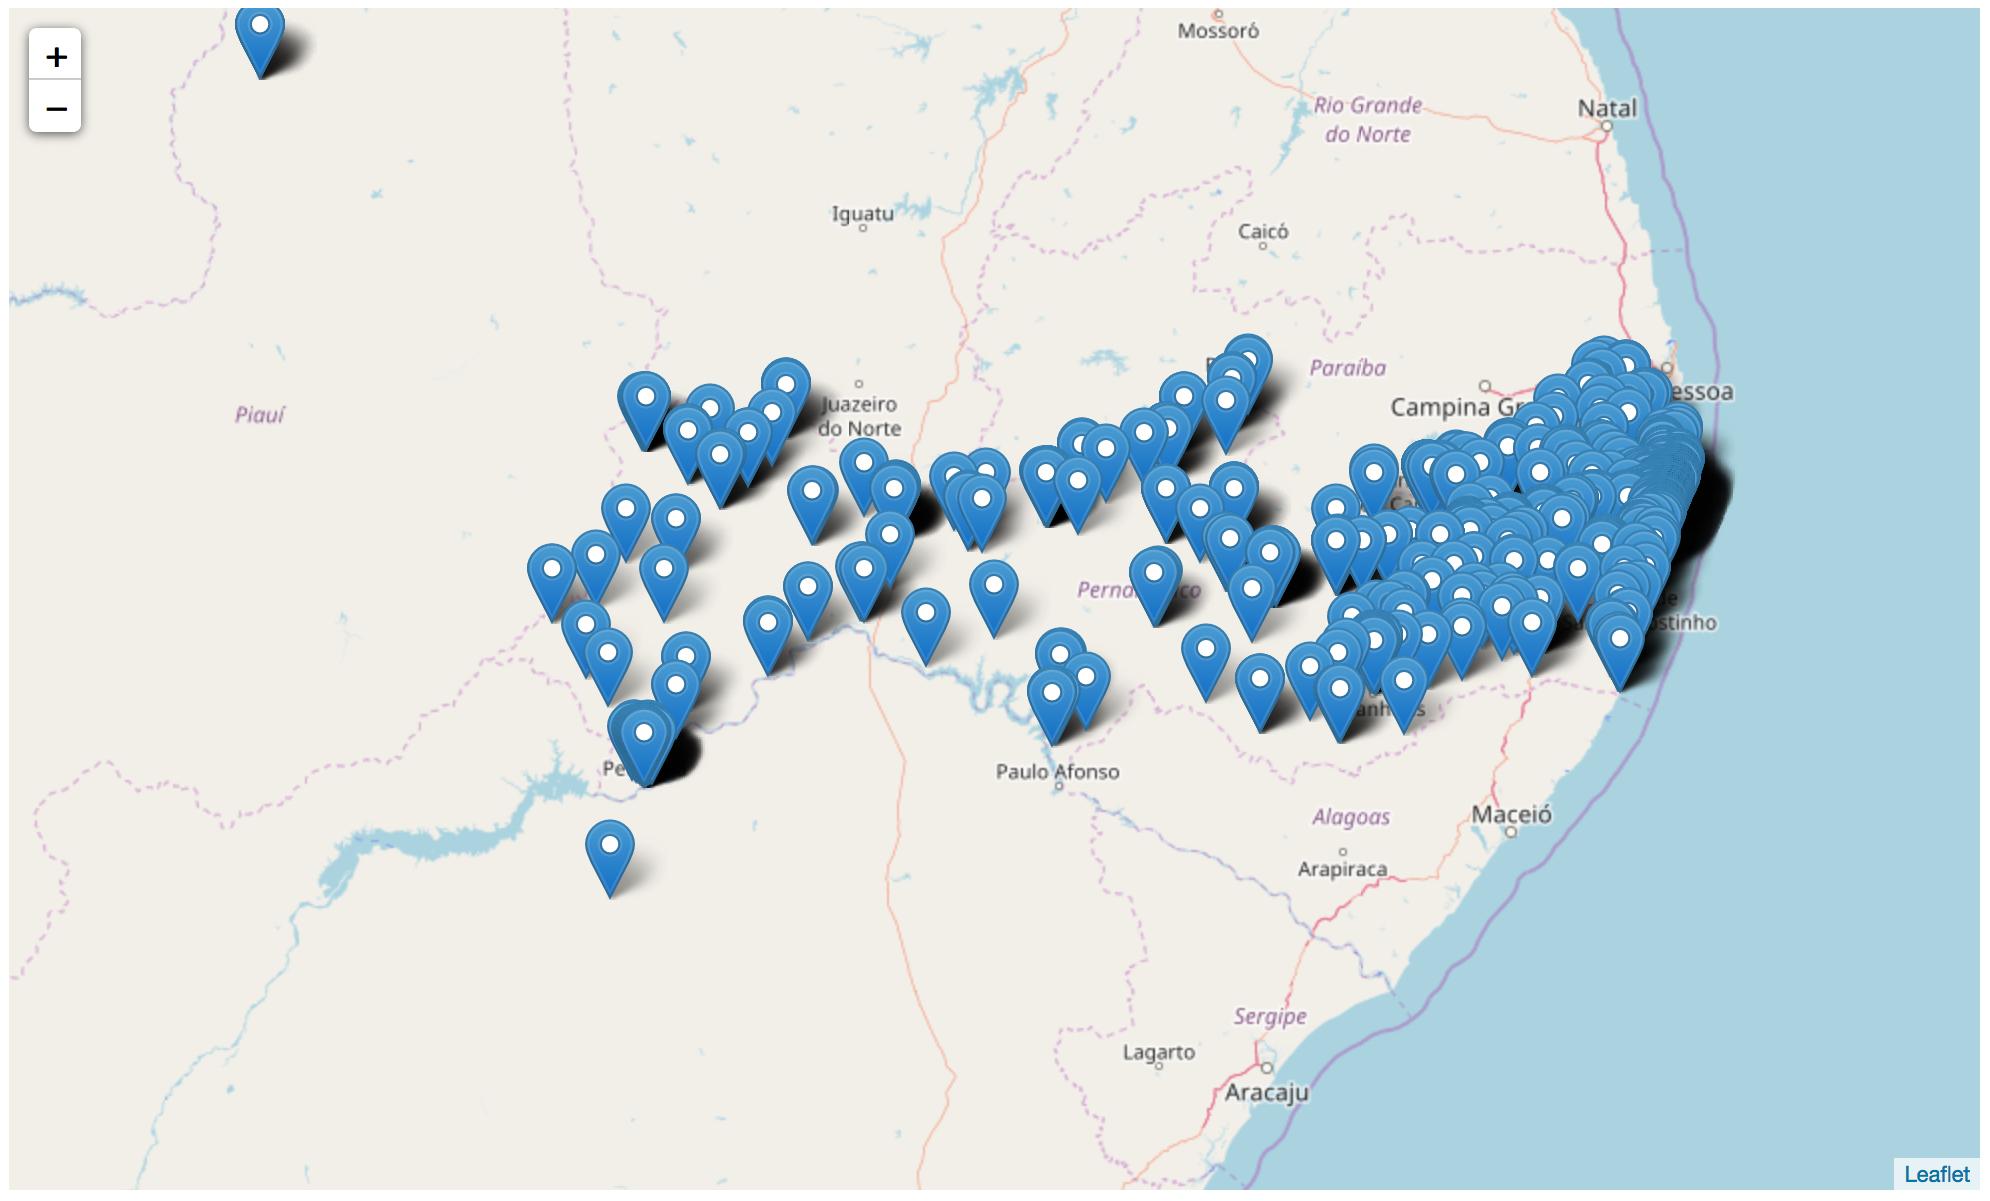 mapa de Pernambuco com todas as empresas